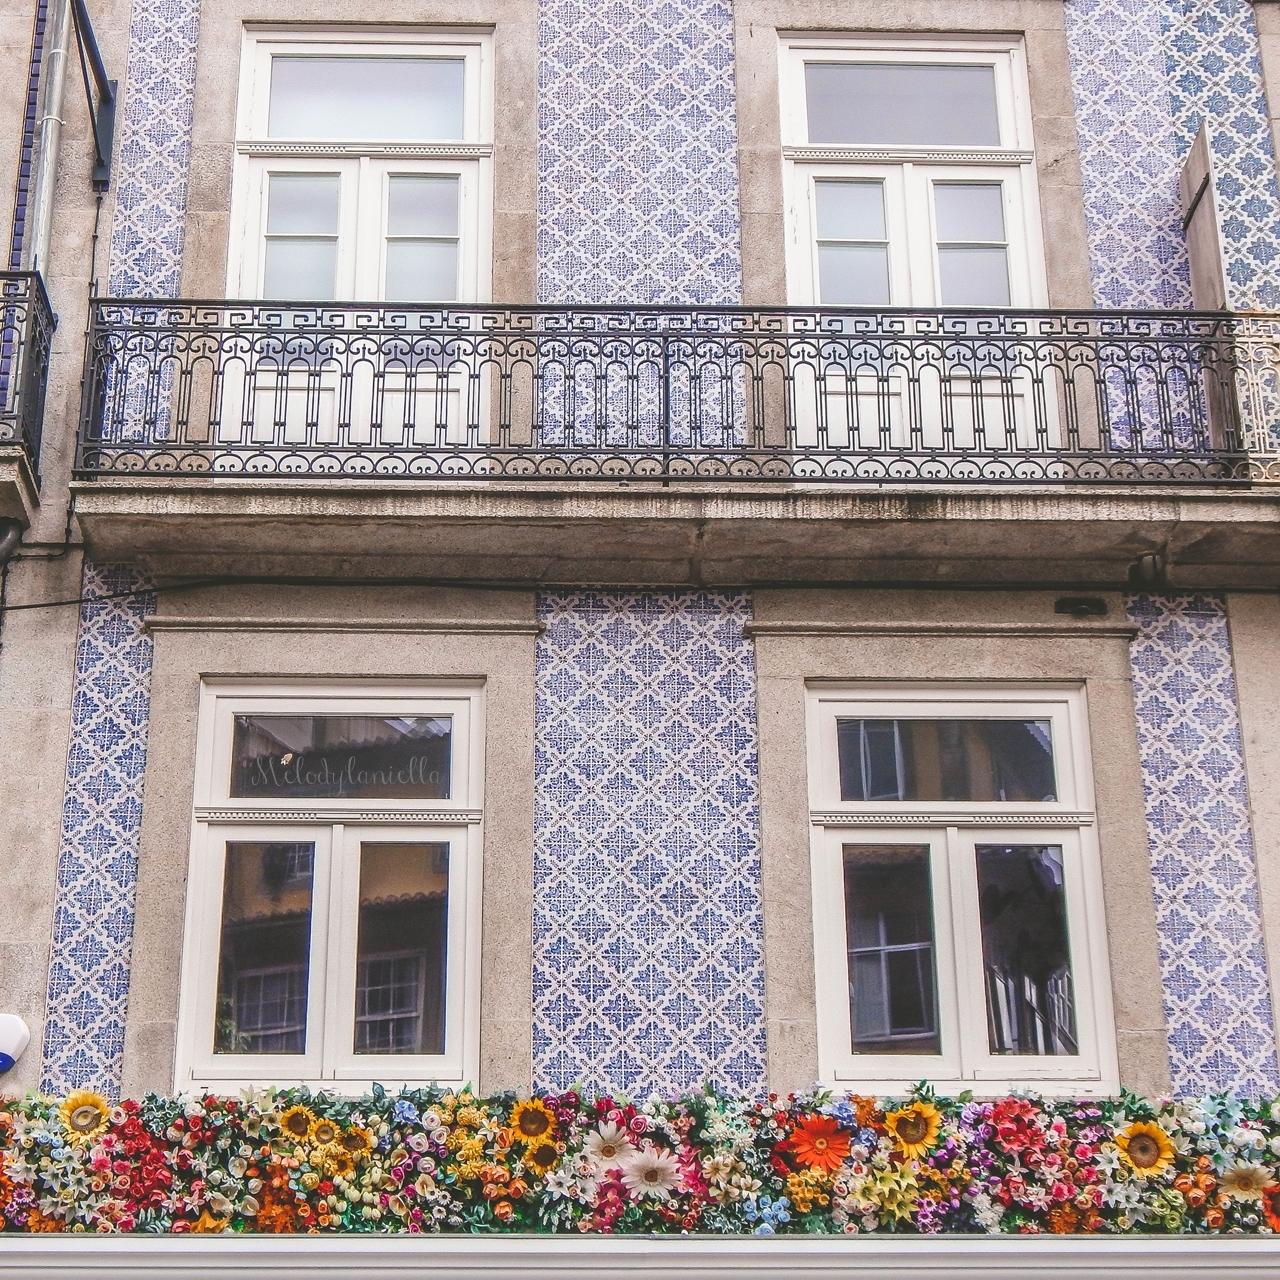 14a rua das flores-2  co zobaczyć w Porto w portugalii ciekawe miejsca musisz zobaczyć top miejsc w porto zabytki piękne uliczki miejsca godne zobaczenia blog podróżniczy portugalia melodylaniella